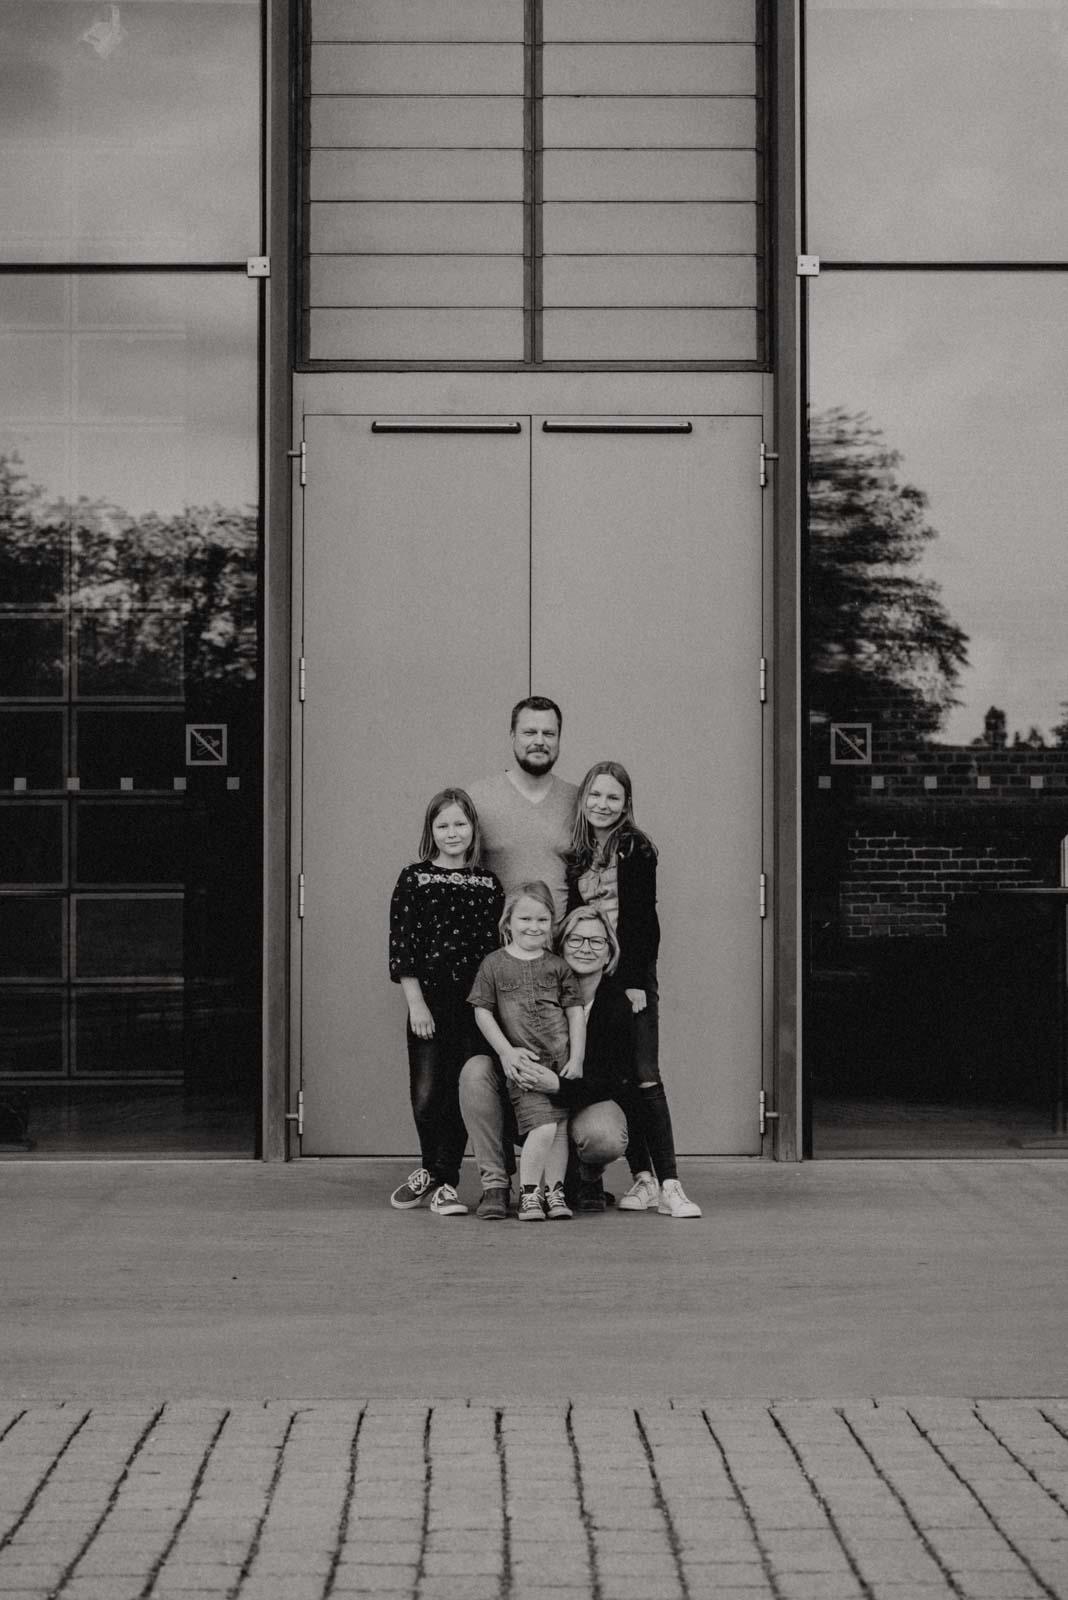 014-ungestellte-familienfotos-familienshooting-bochum-industrie-jahrhunderthalle